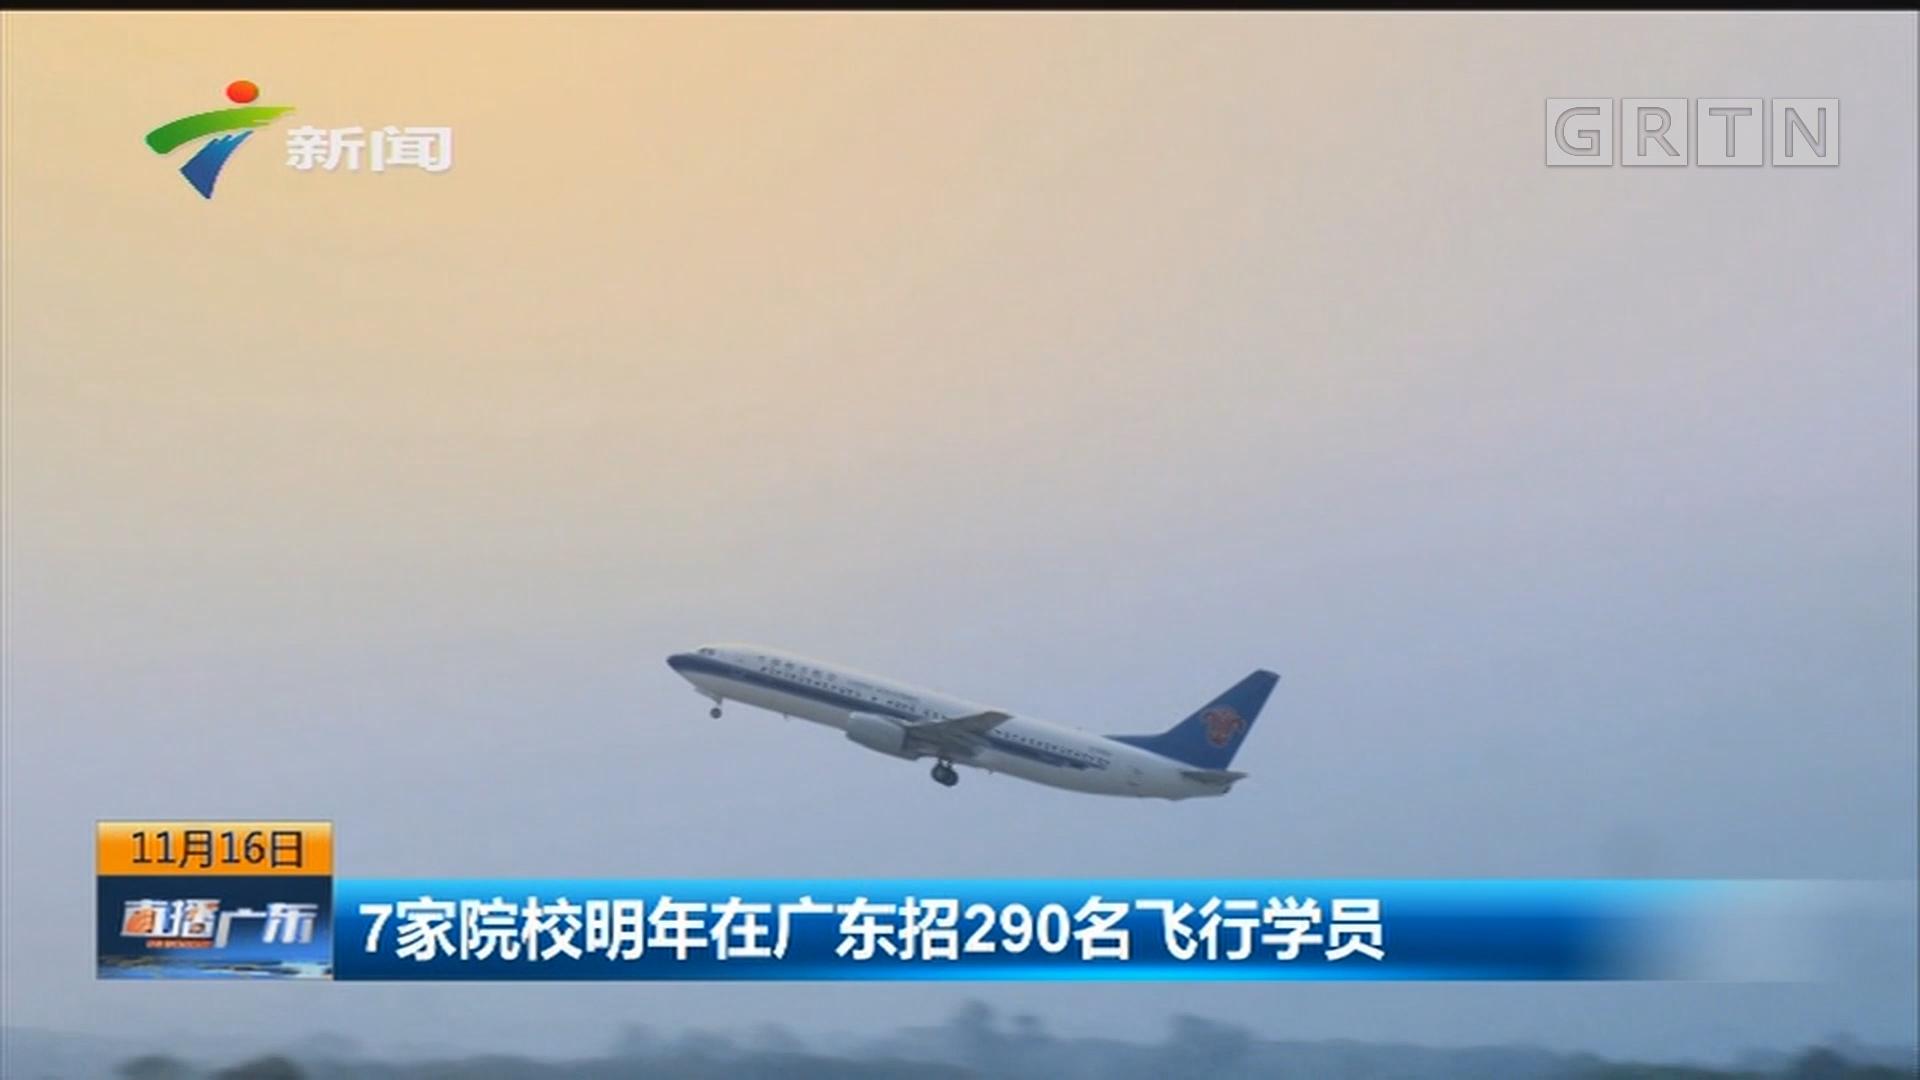 7家院校明年在广东招290名飞行学员